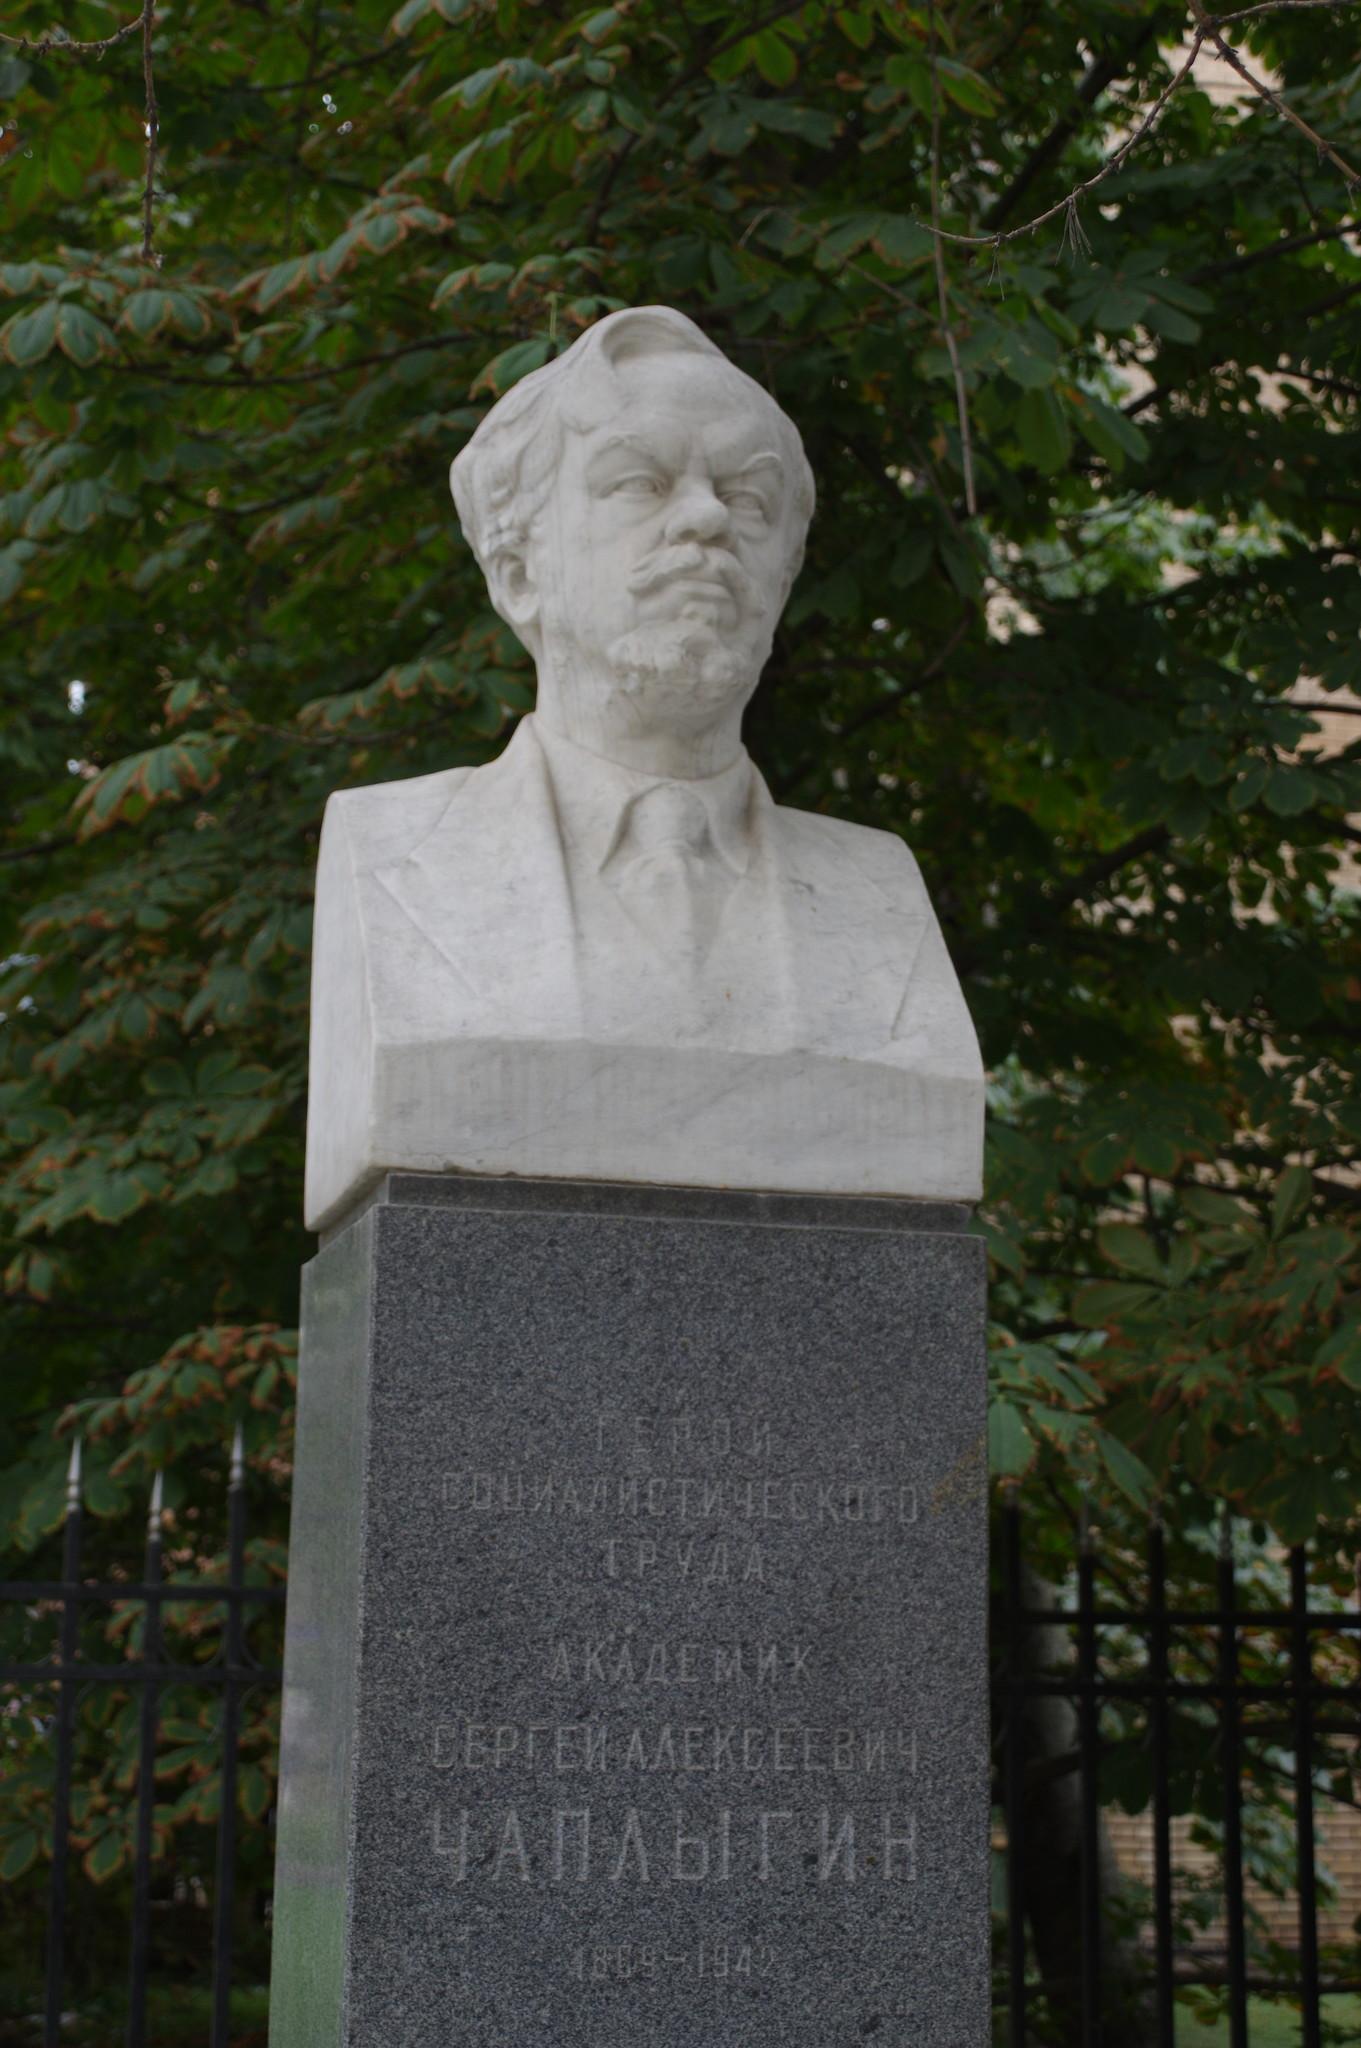 Памятник Сергею Алексеевичу Чаплыгину на углу Малого и Большого Харитоньевских переулков в Москве